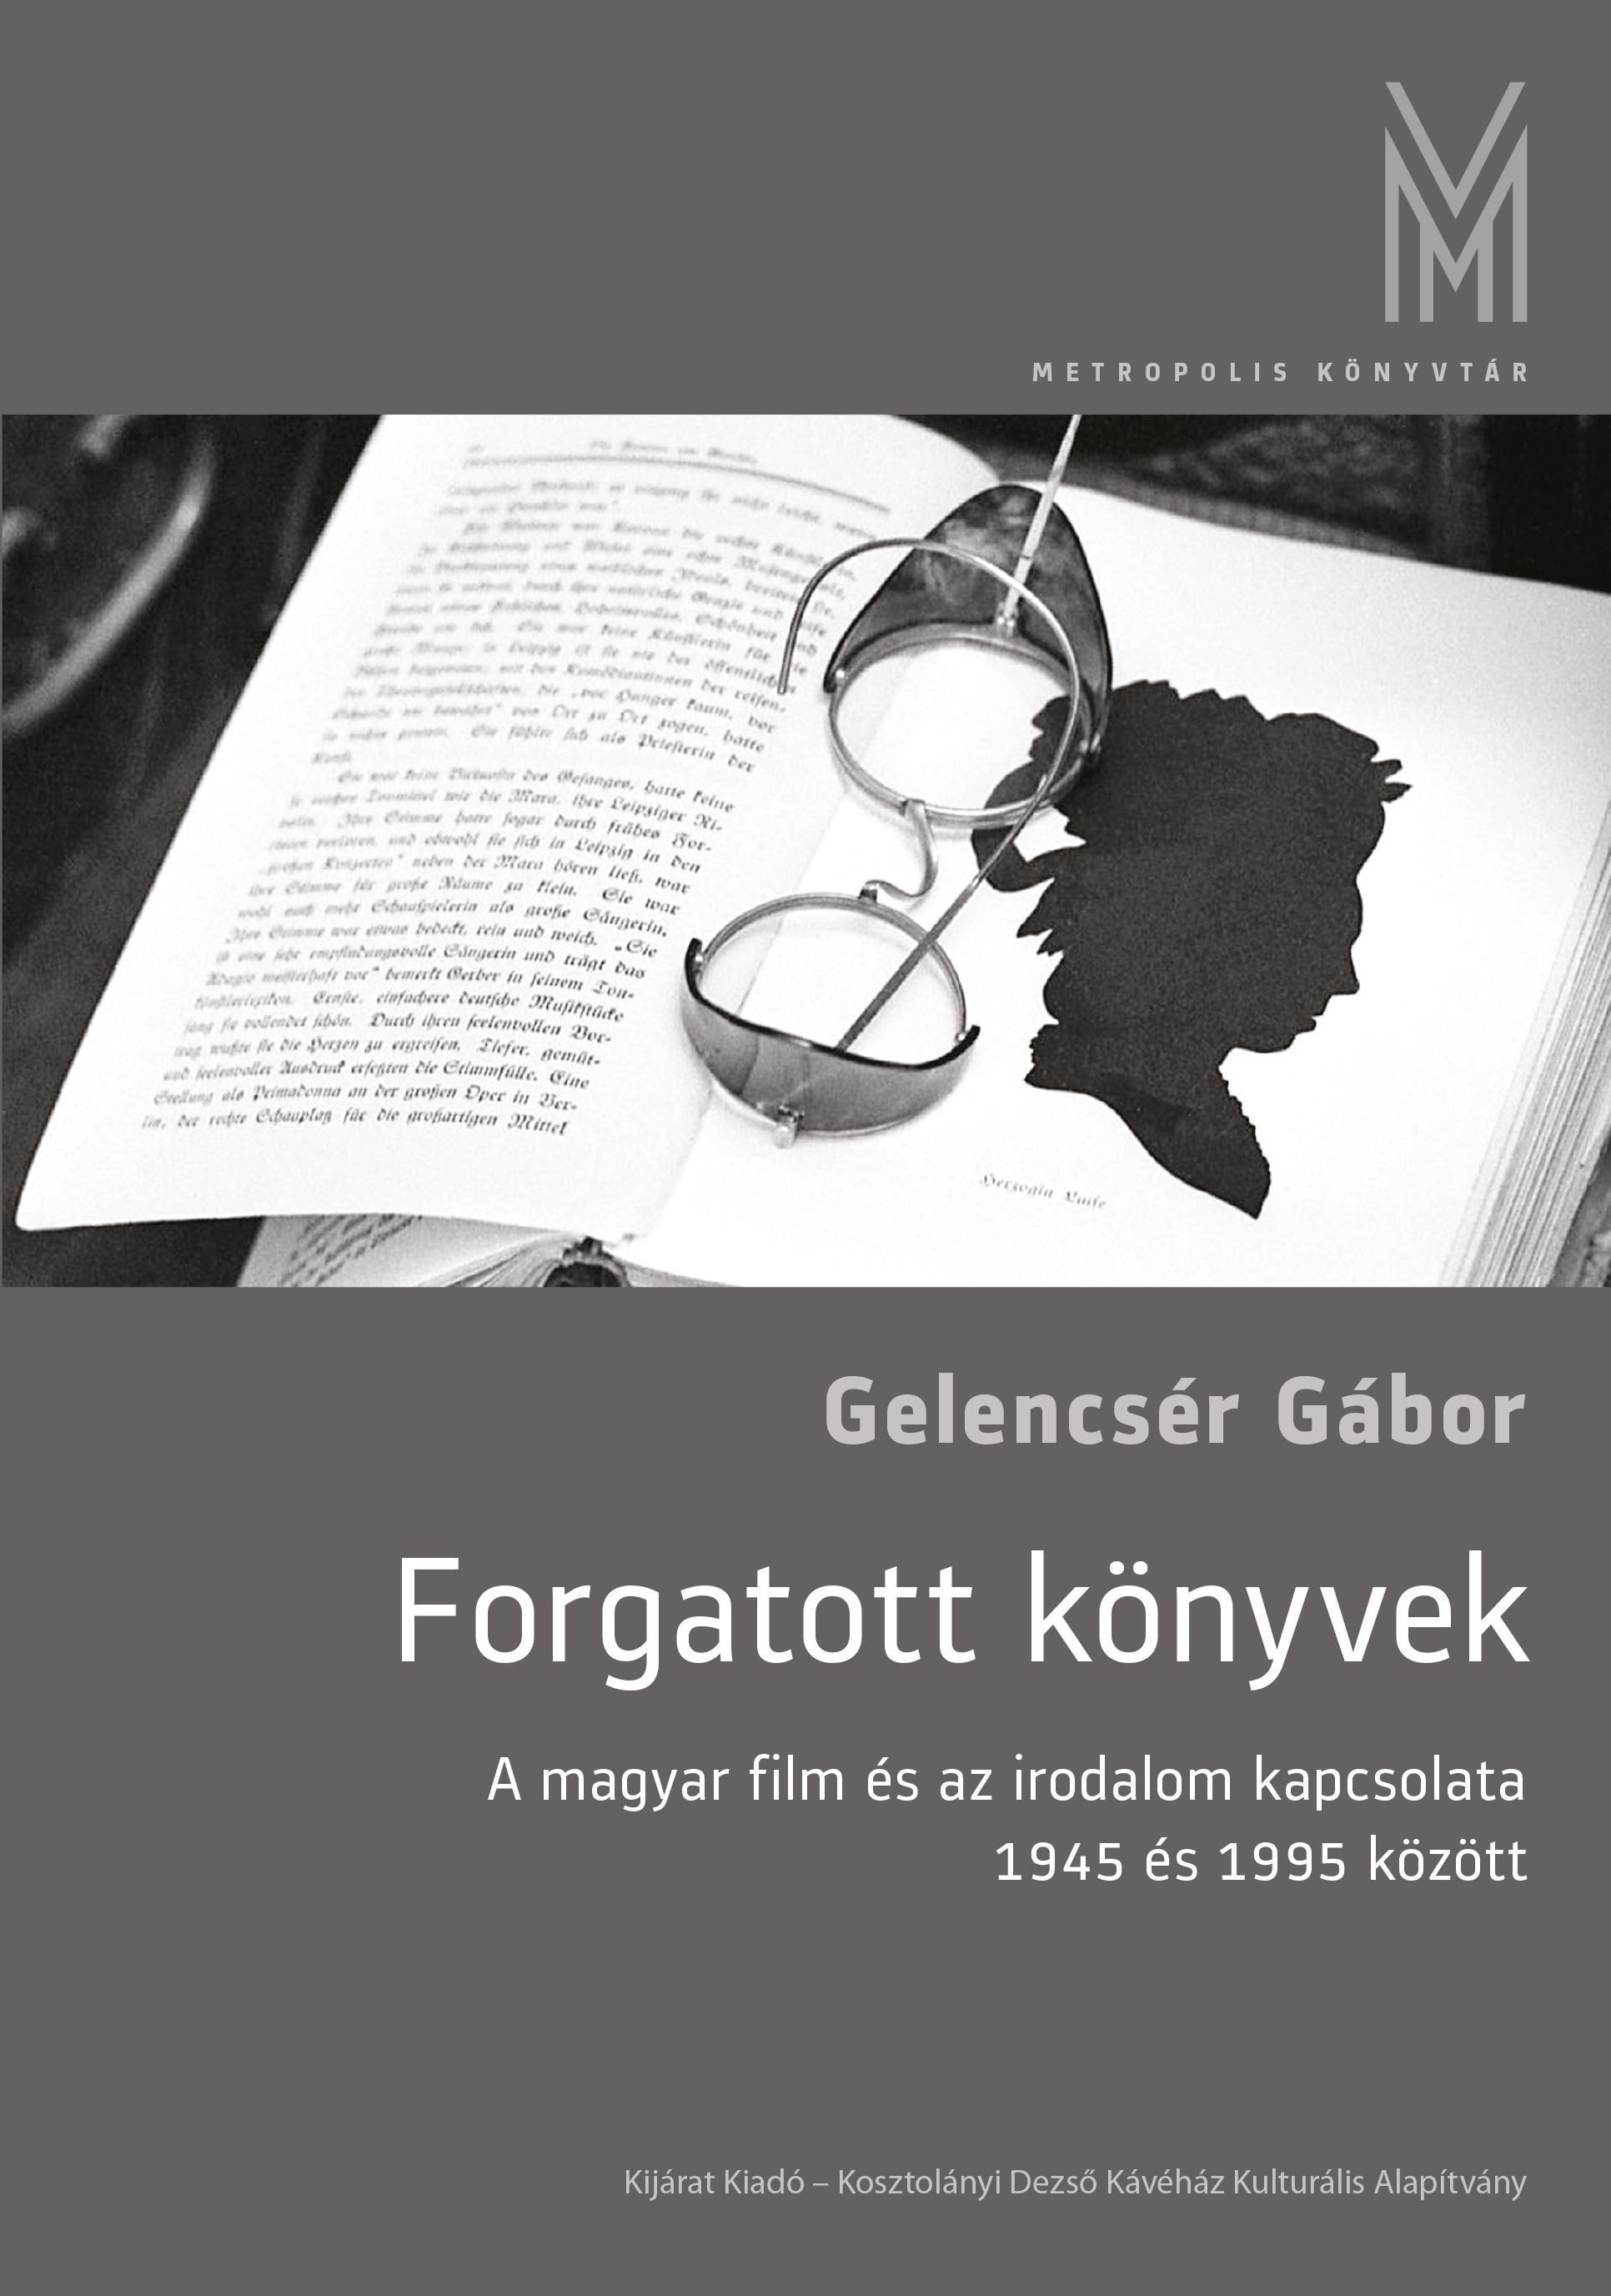 FORGATOTT KÖNYVEK - A MAGYAR FILM ÉS IRODALOM KAPCSOLATA 1945 ÉS 1995 KÖZÖTT